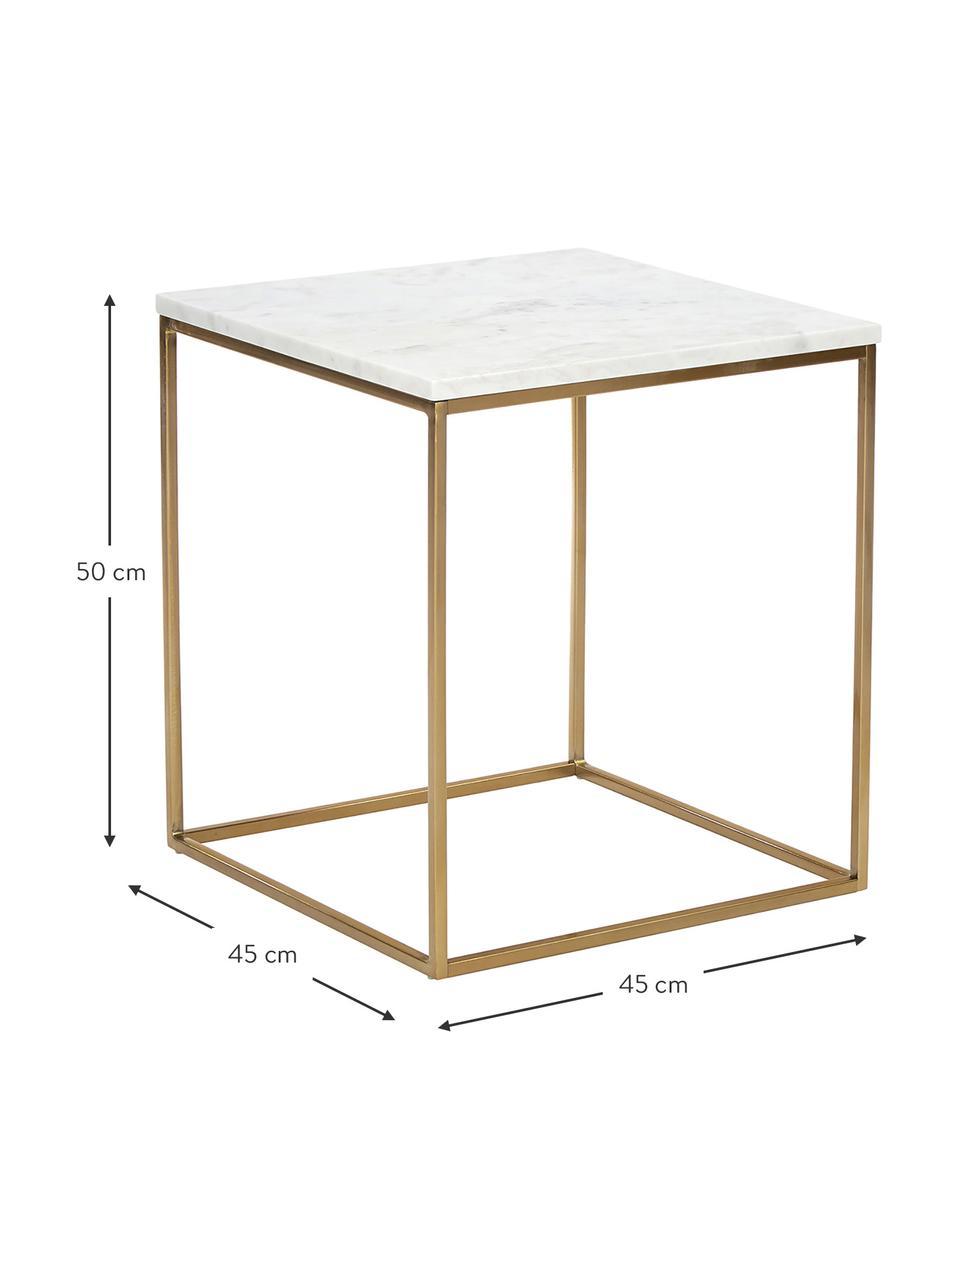 Marmor-Beistelltisch Alys, Tischplatte: Marmor, Gestell: Metall, pulverbeschichtet, Weißer Marmor, Goldfarben, 45 x 50 cm